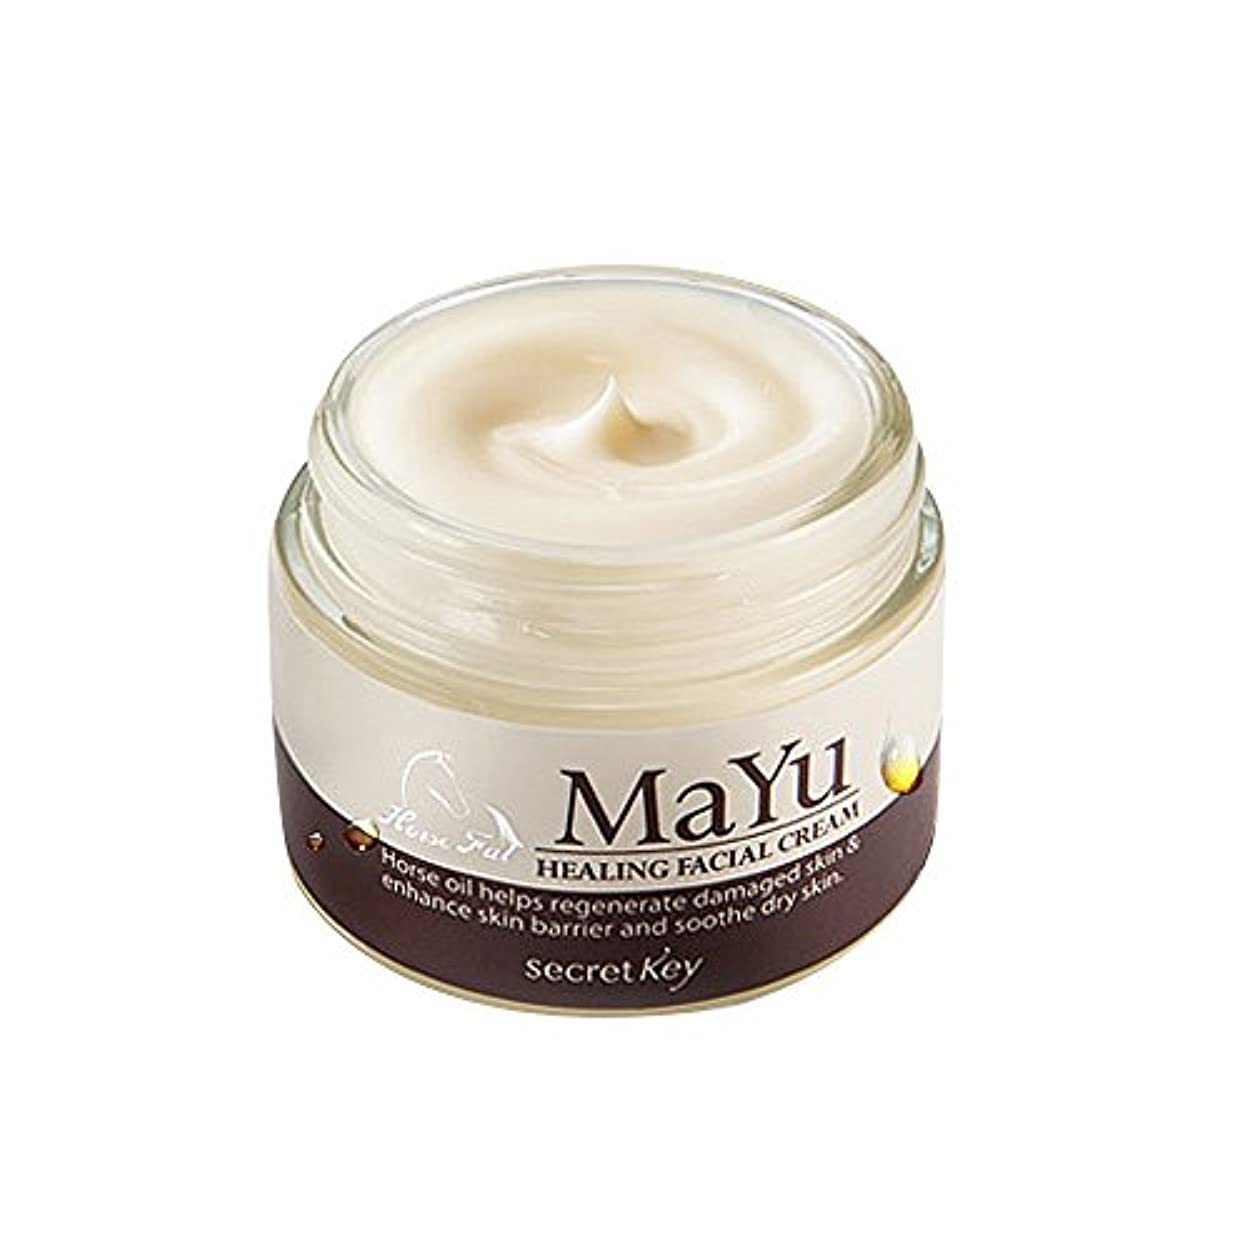 ガロンケイ素お手入れ[シークレットキー]Secretkey 馬油ヒーリングフェイシャルクリーム70g 海外直送品 Mayu Healing Facial Cream 70g